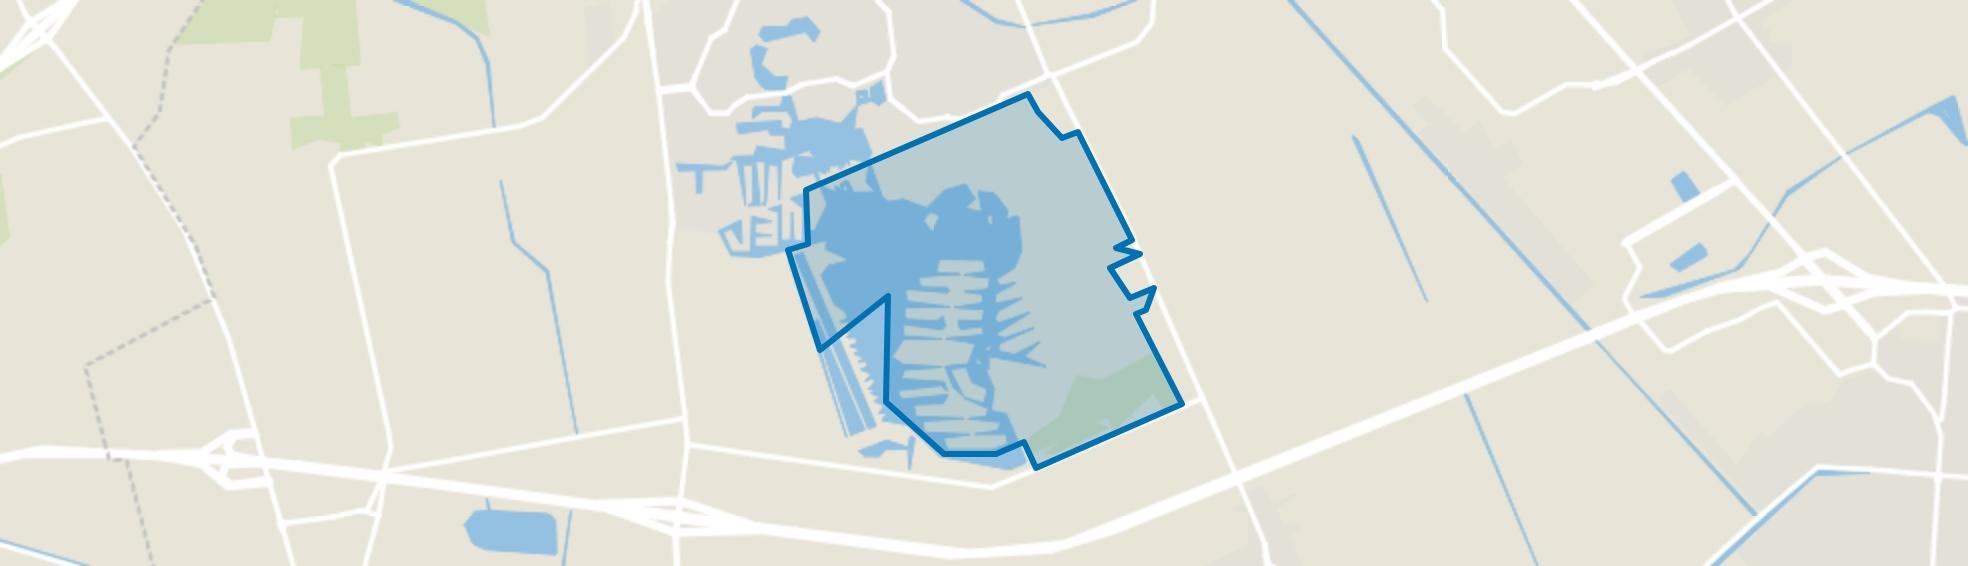 Parc Sandur, Emmen map